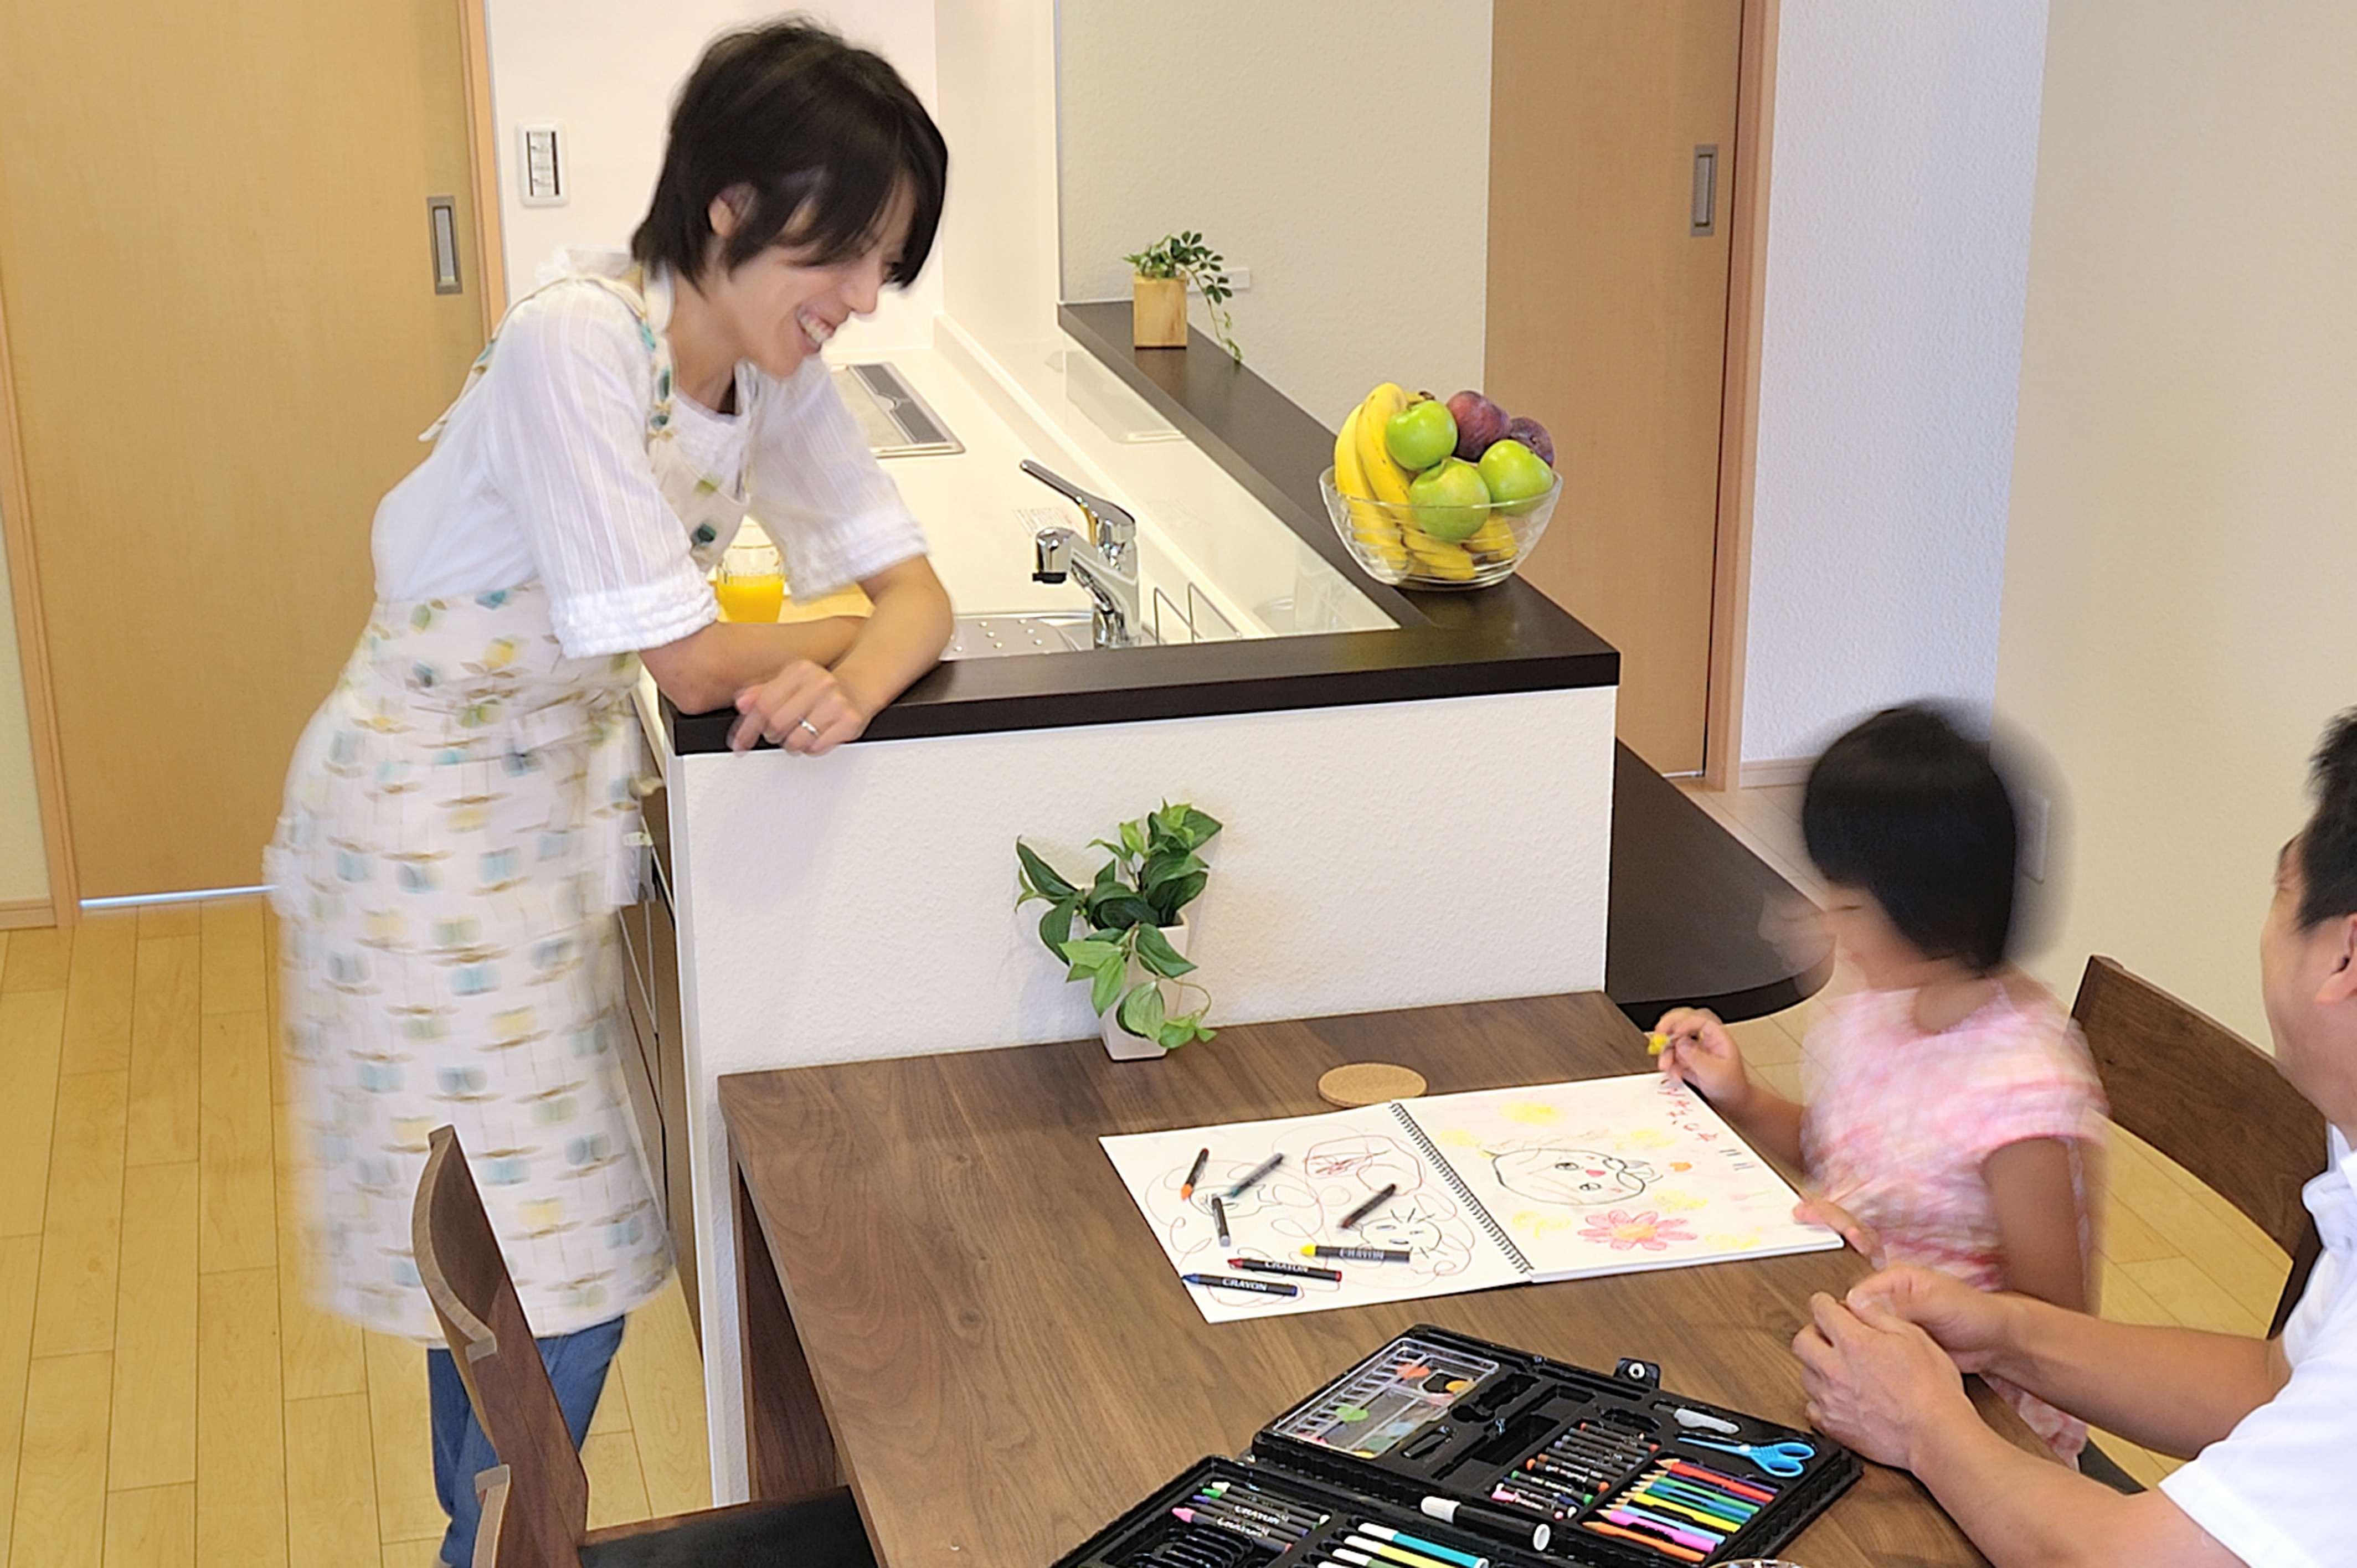 【ママ・女性視点の家づくり】 キッチンへのこだわりこそがママの快適につながる